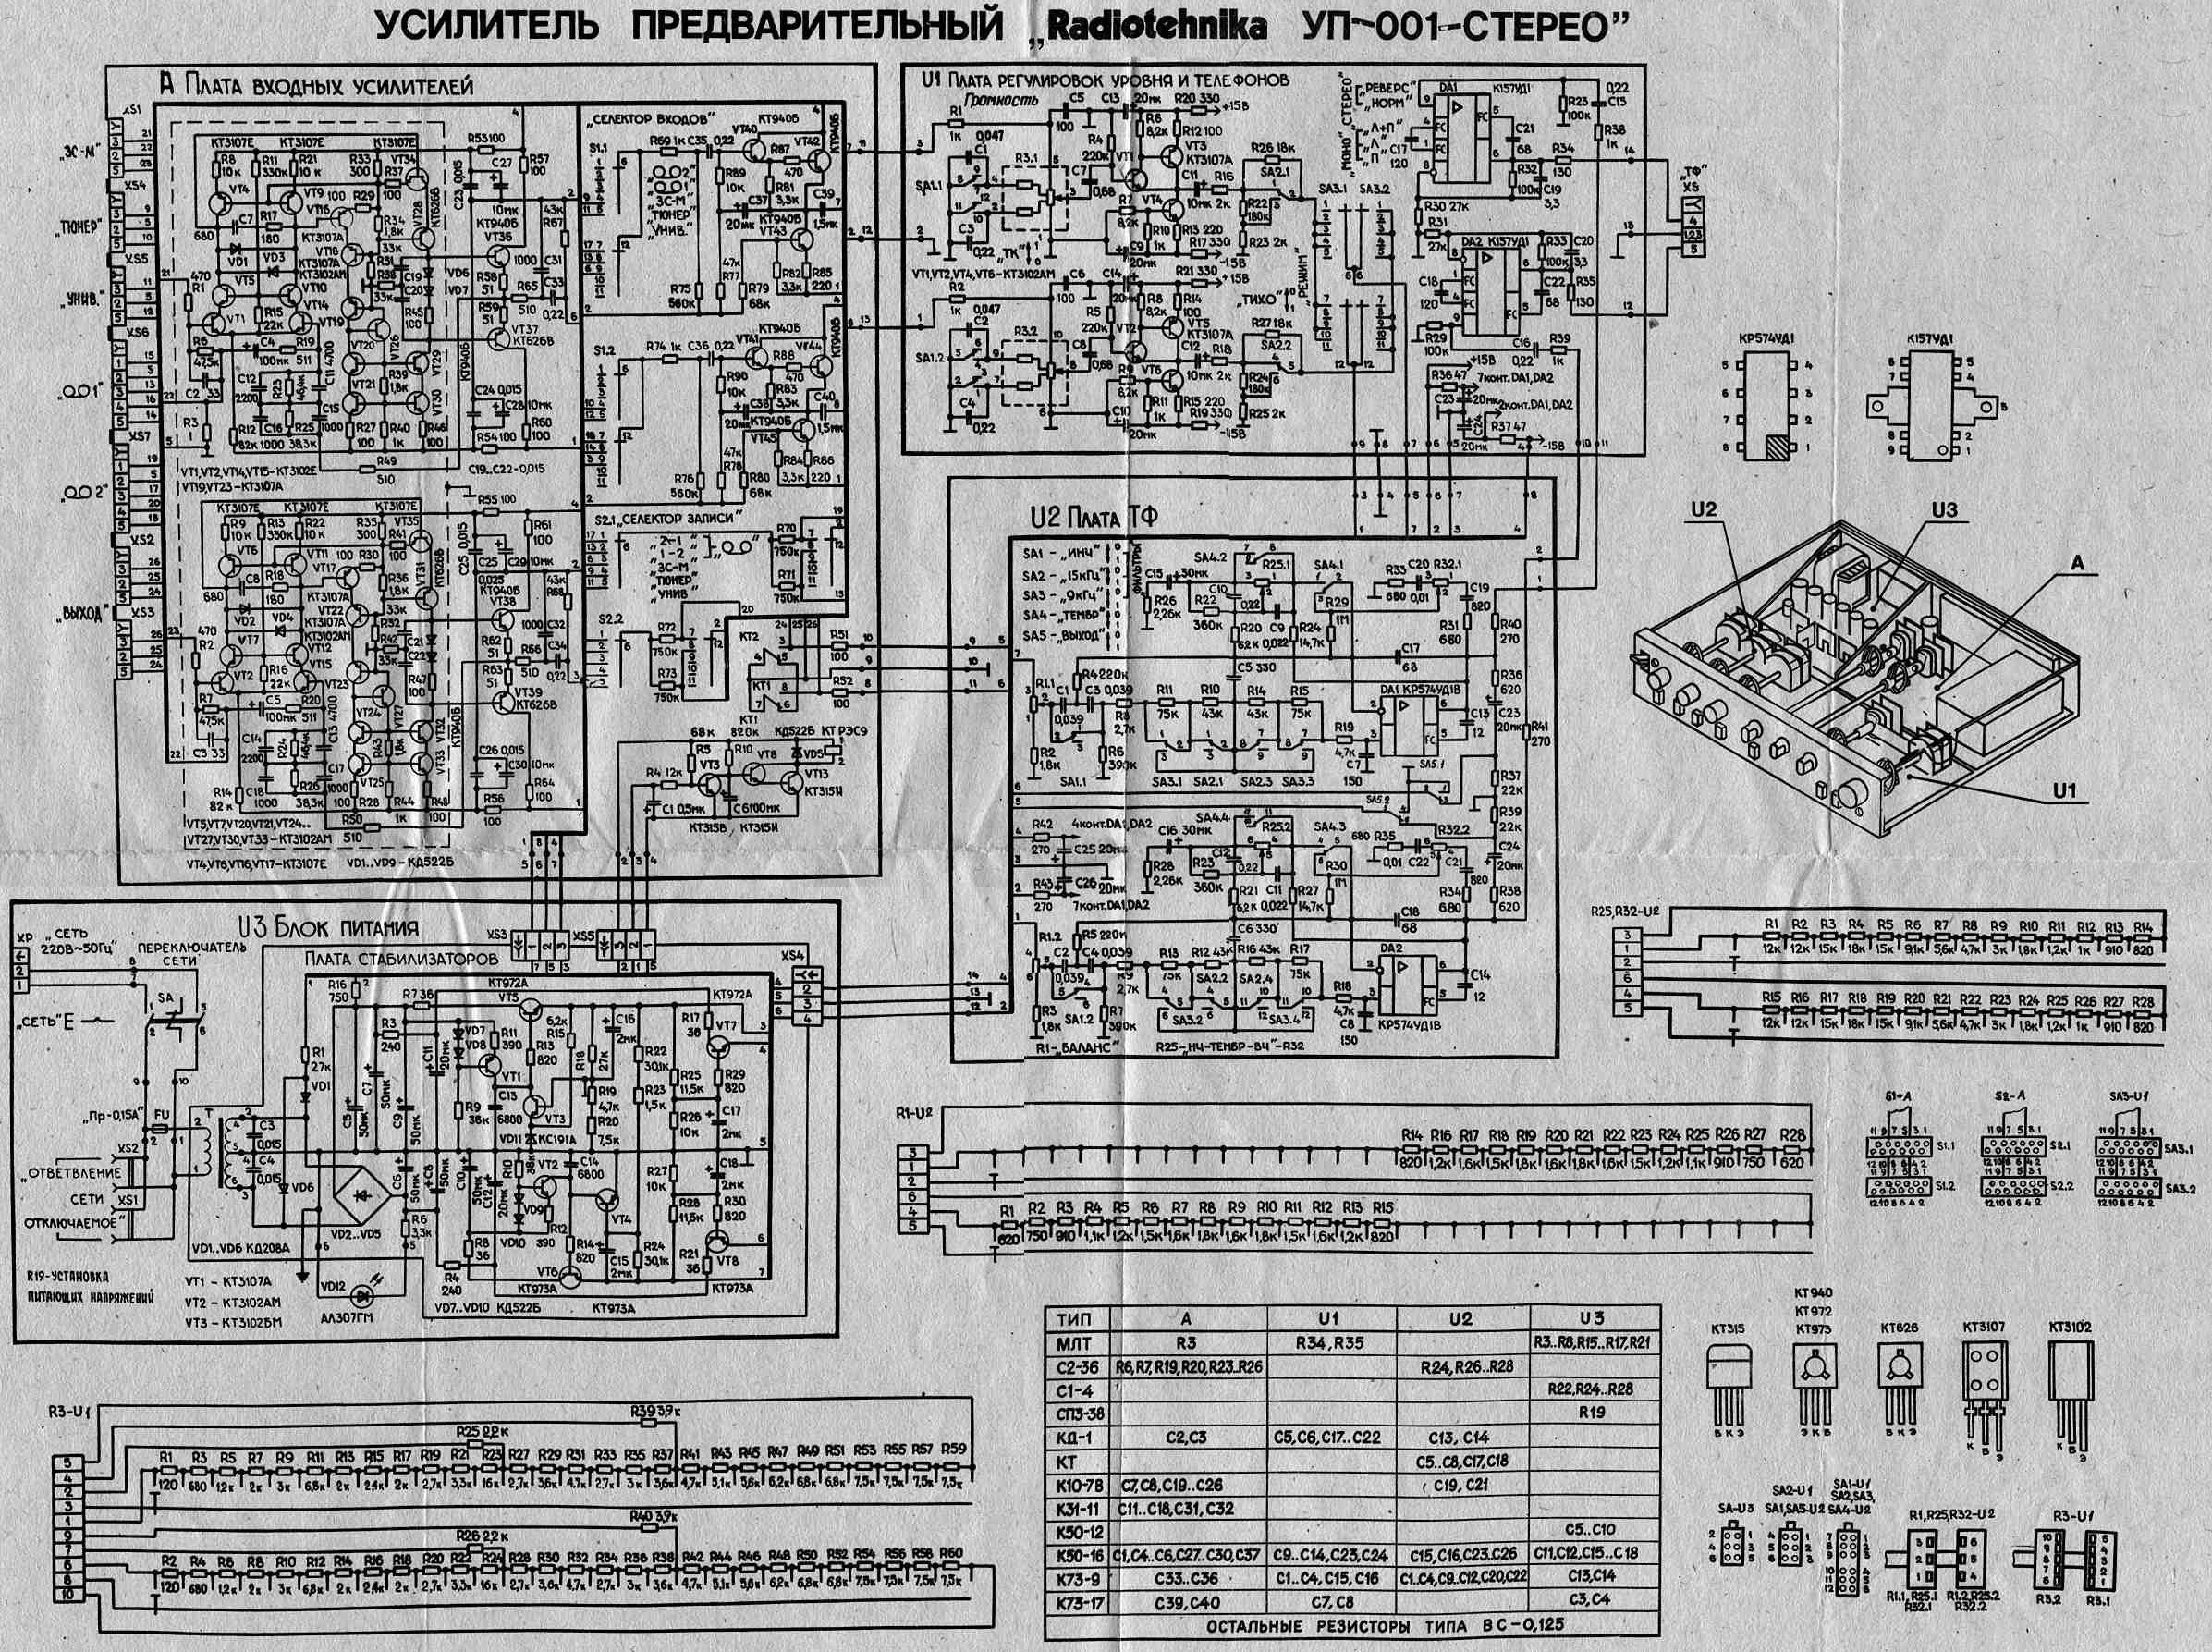 принципиальная схема усилителя кумир-001